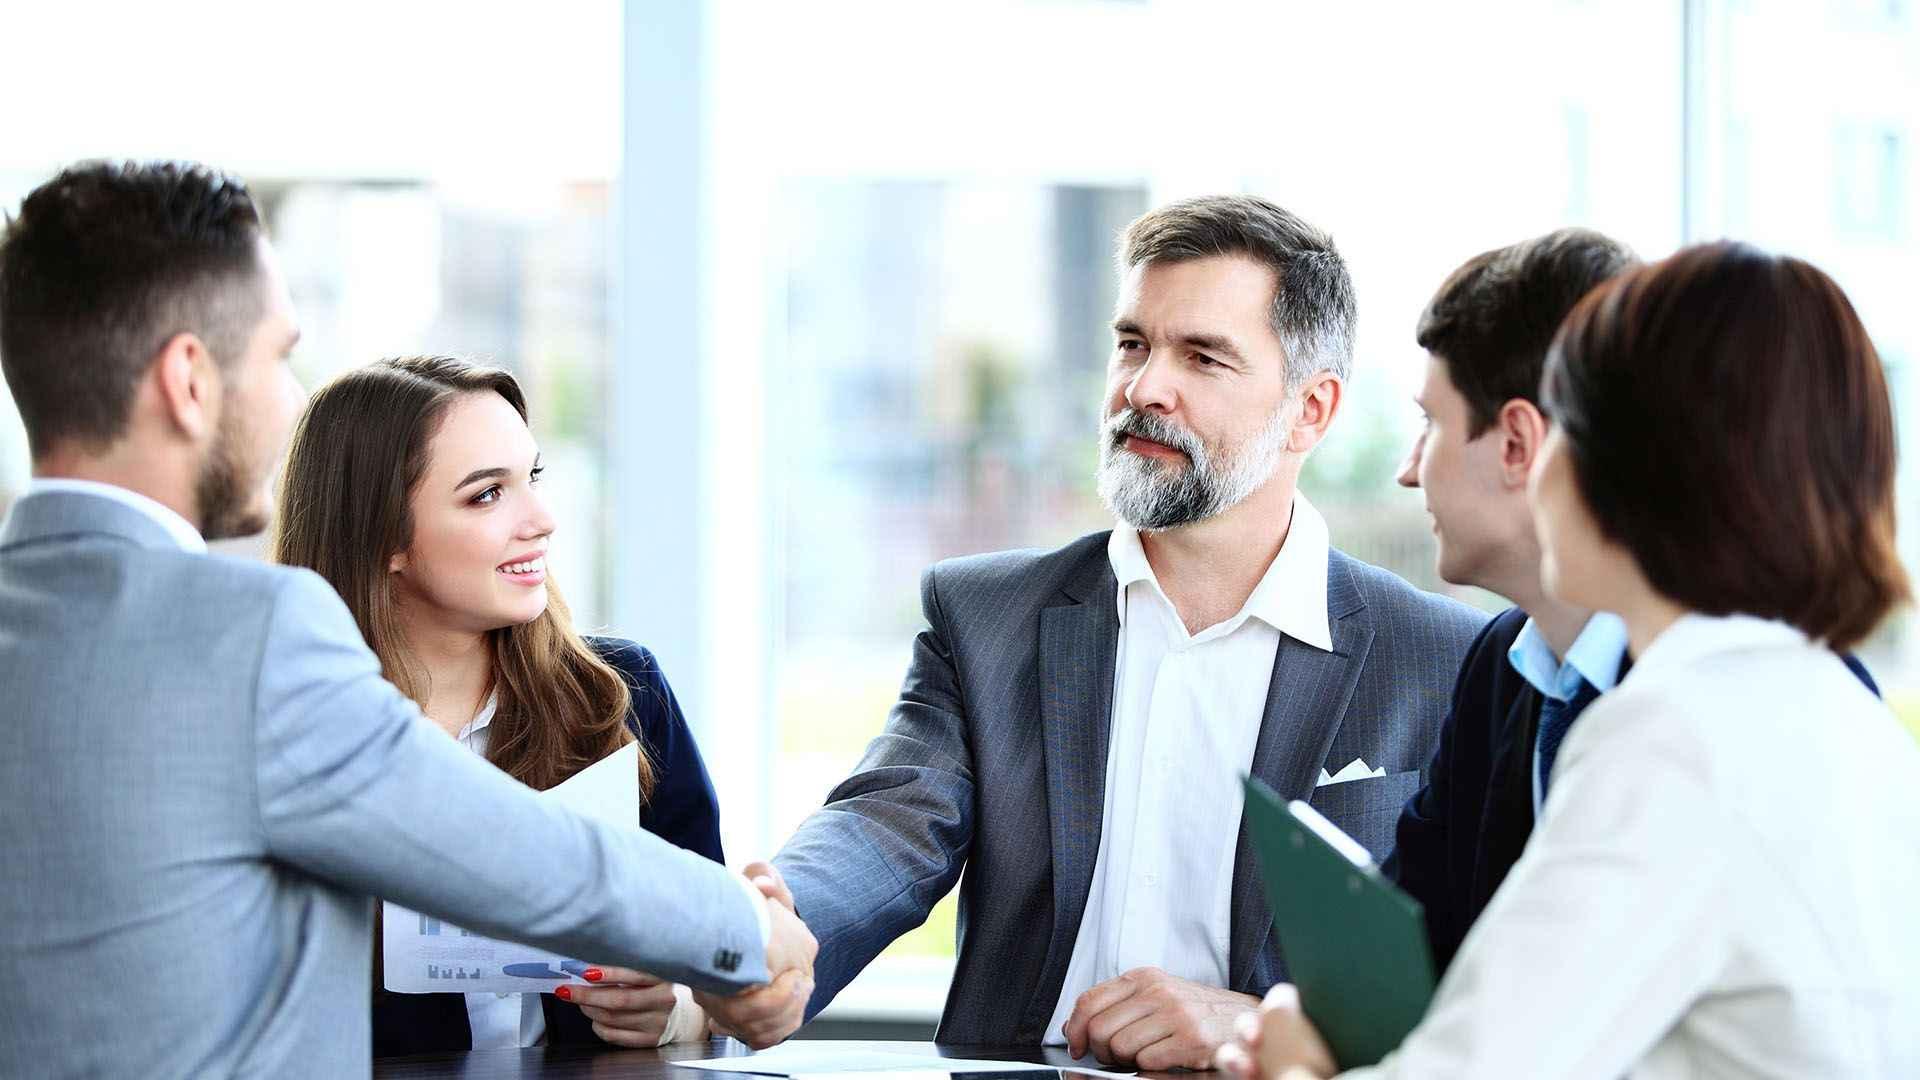 Кредиты под залог недвижимости: одобрение с плохой кредитной историей в 95 процентах.